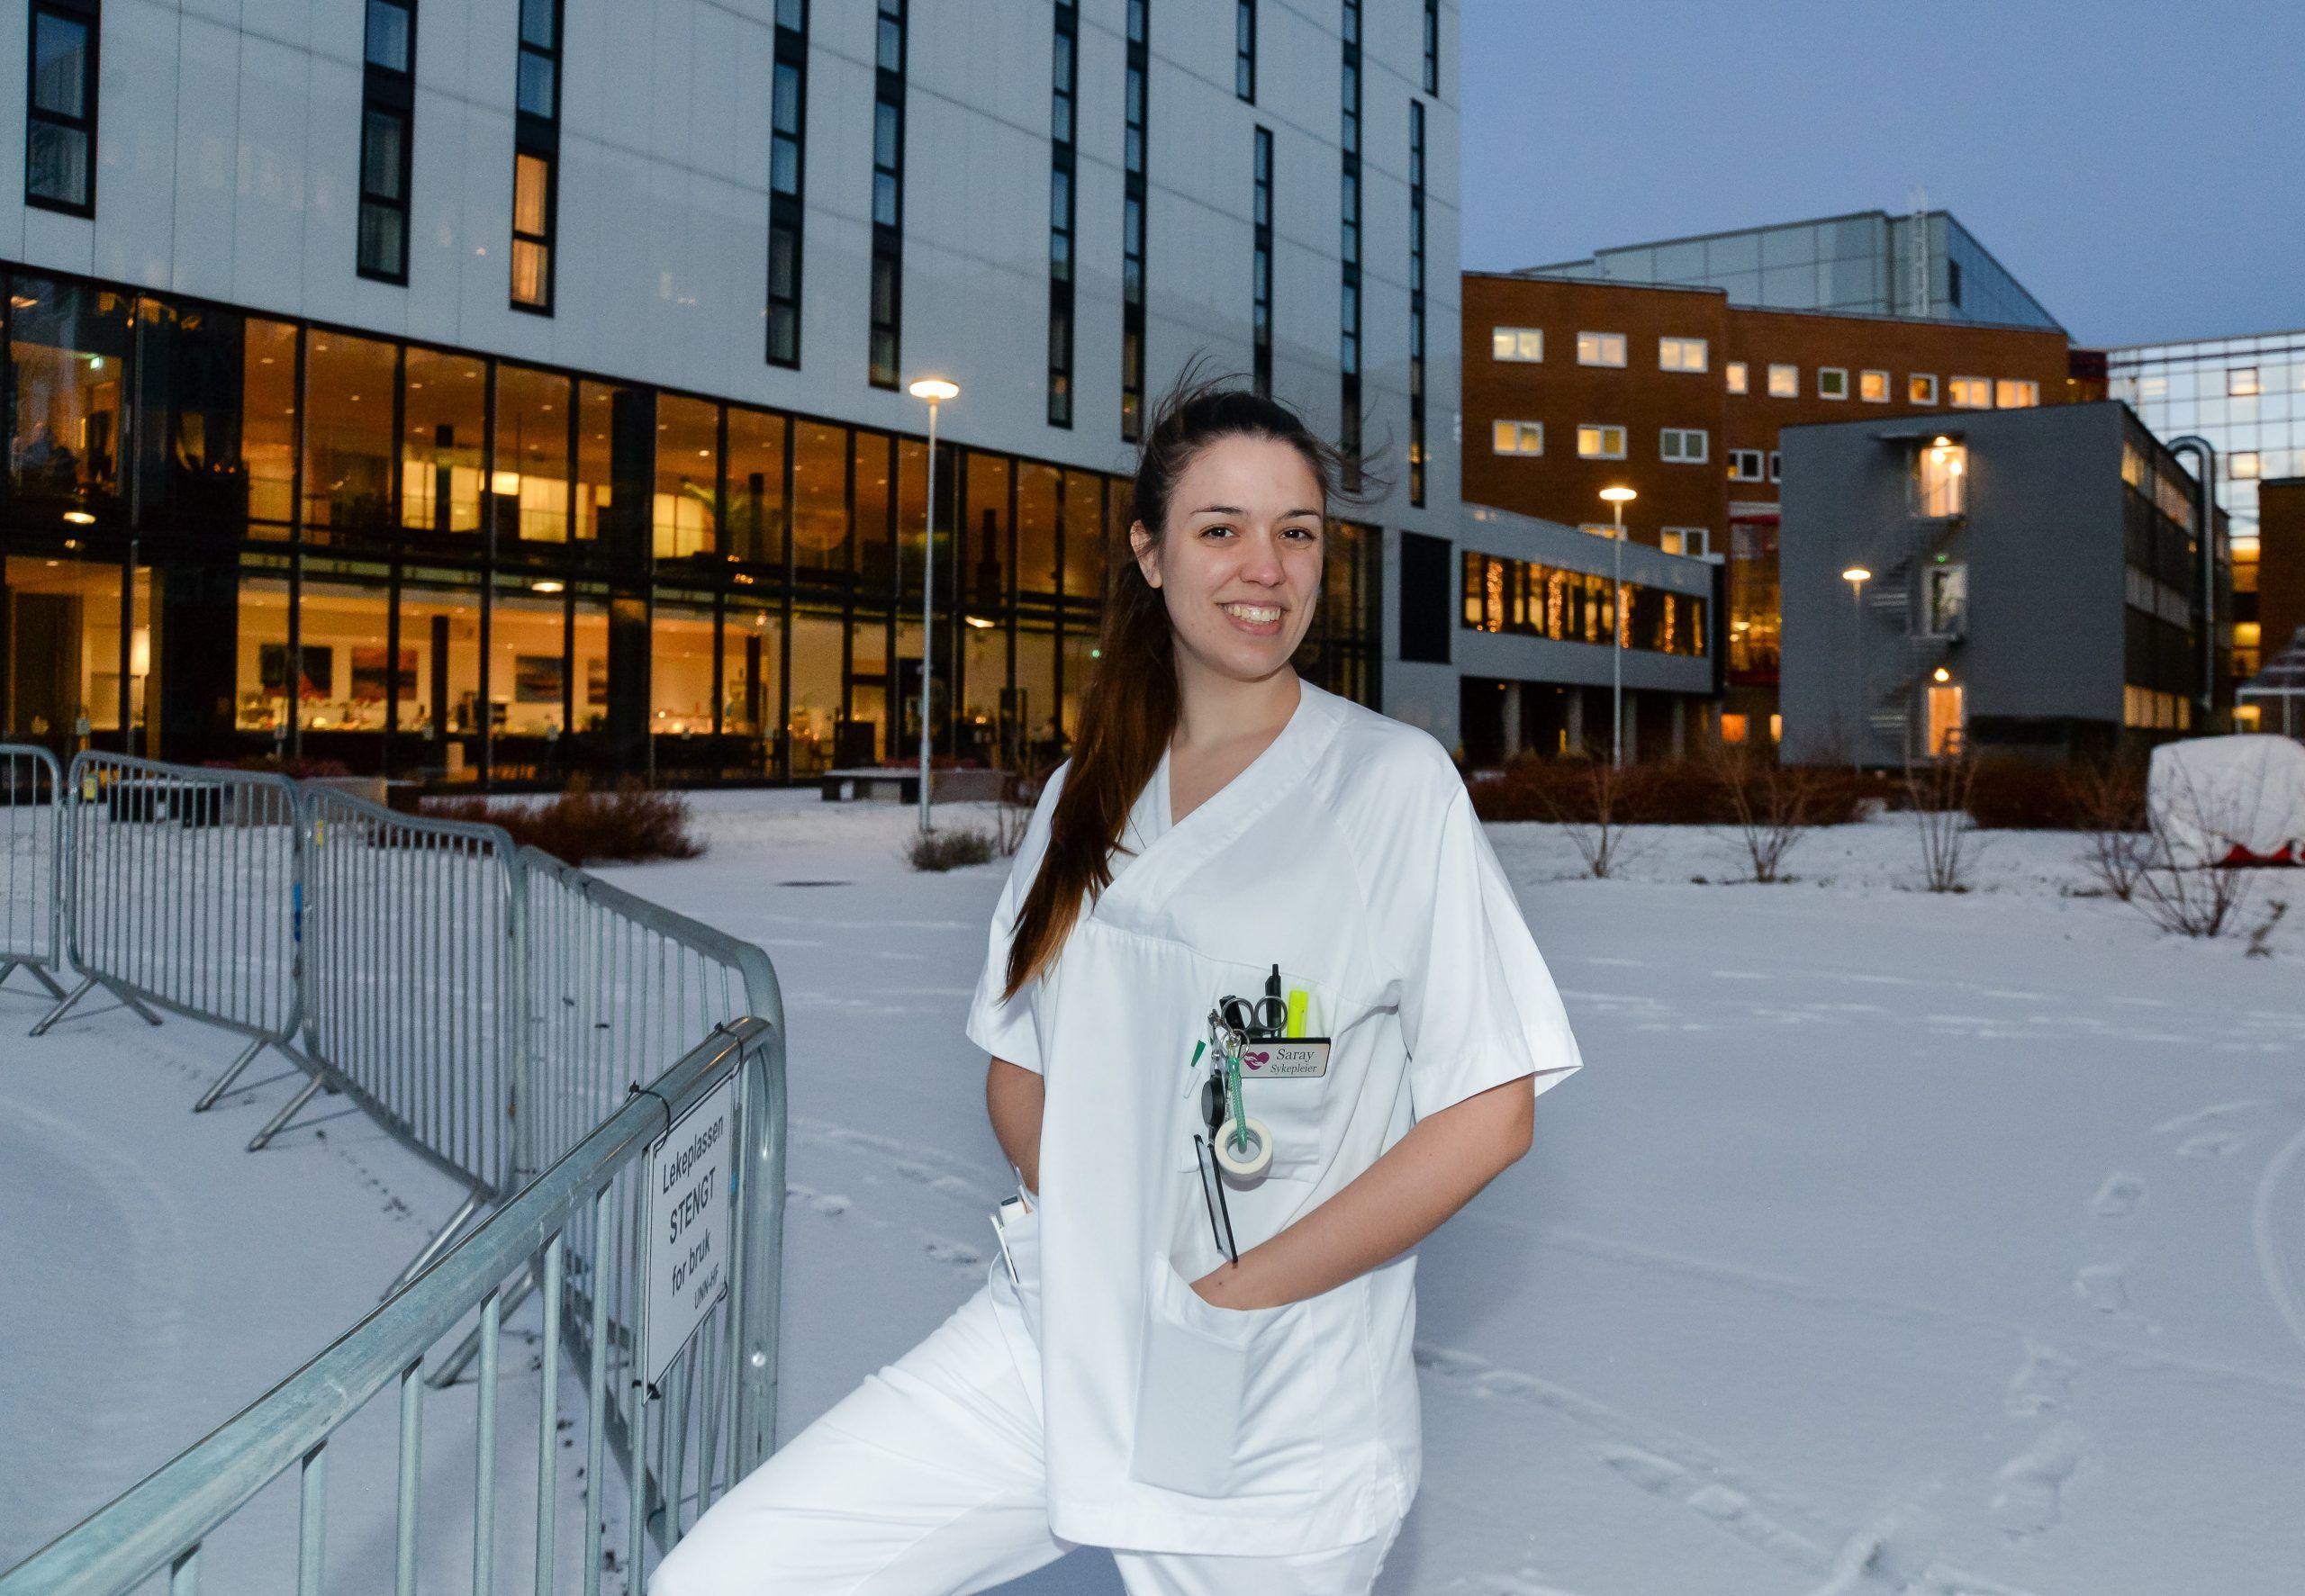 Saray Ferrer, en train de vivre son expérience internationale en tant qu'infirmière en Norvège. Photo : Per-Christian Johansen, University Hospital of North Norway